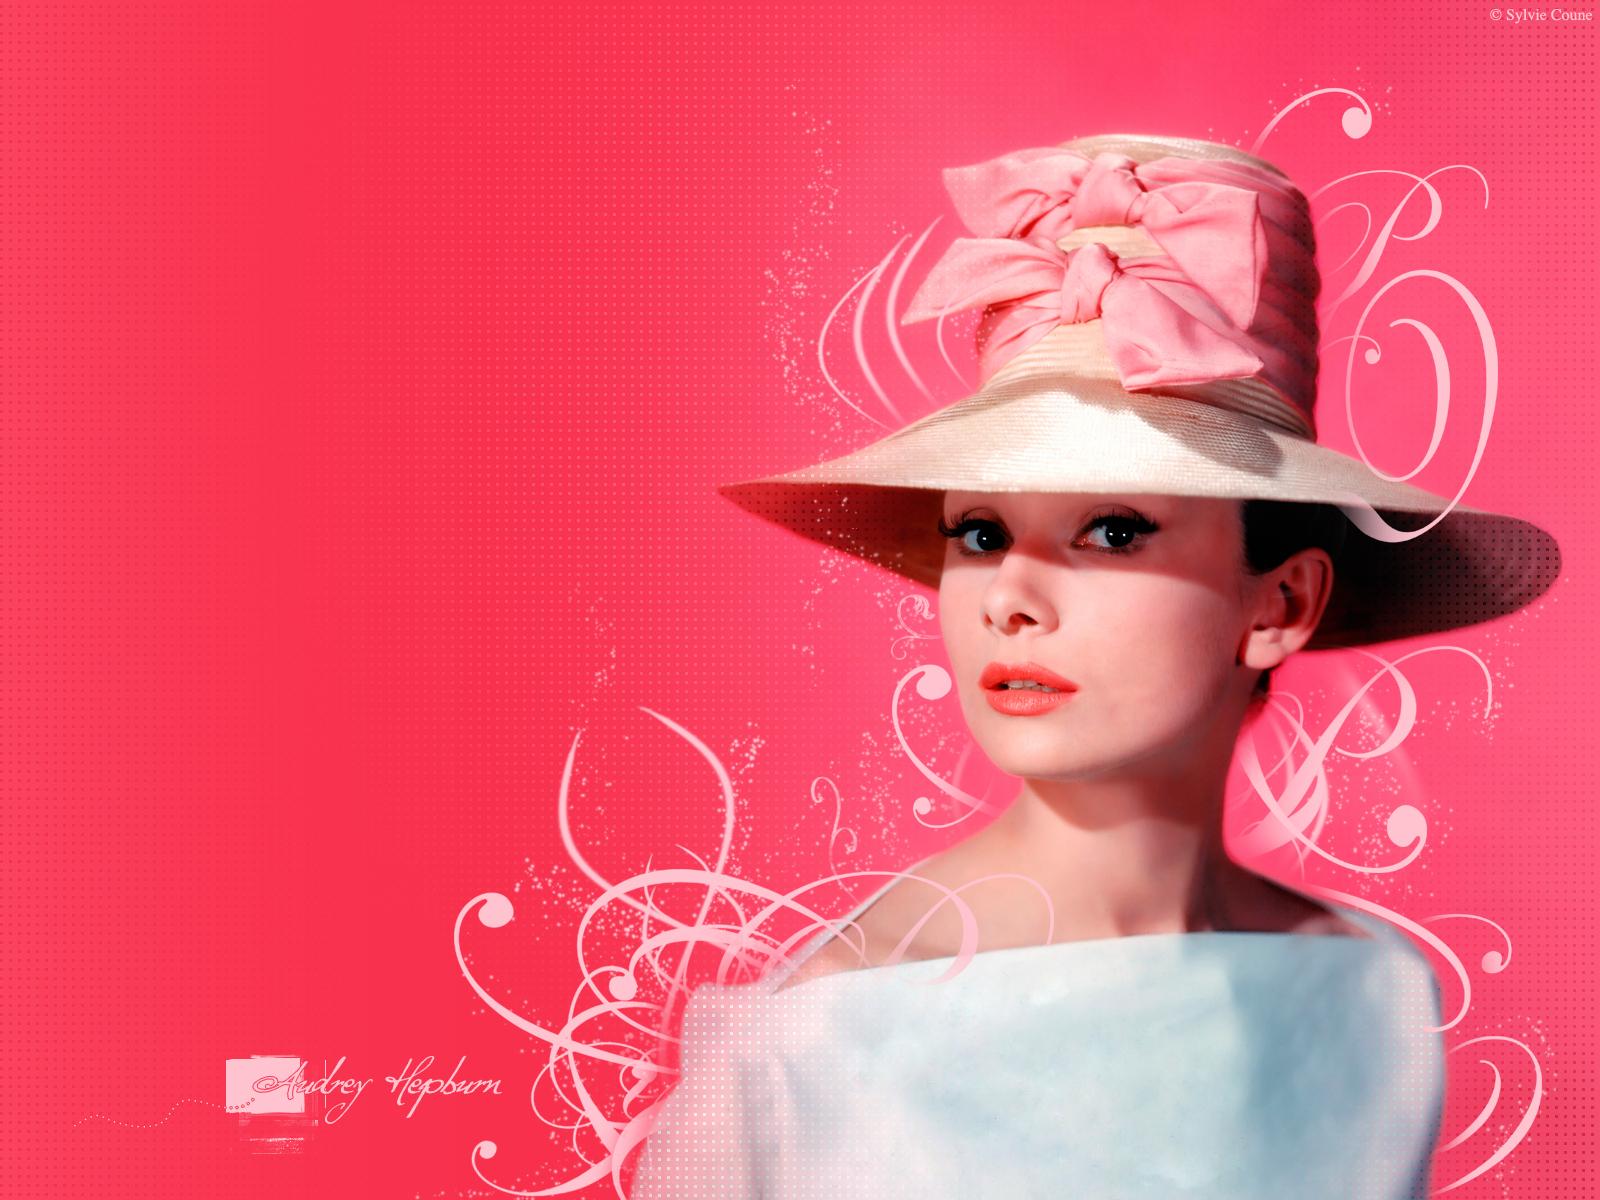 Audrey Hepburn   Audrey Hepburn Wallpaper 3779656 1600x1200